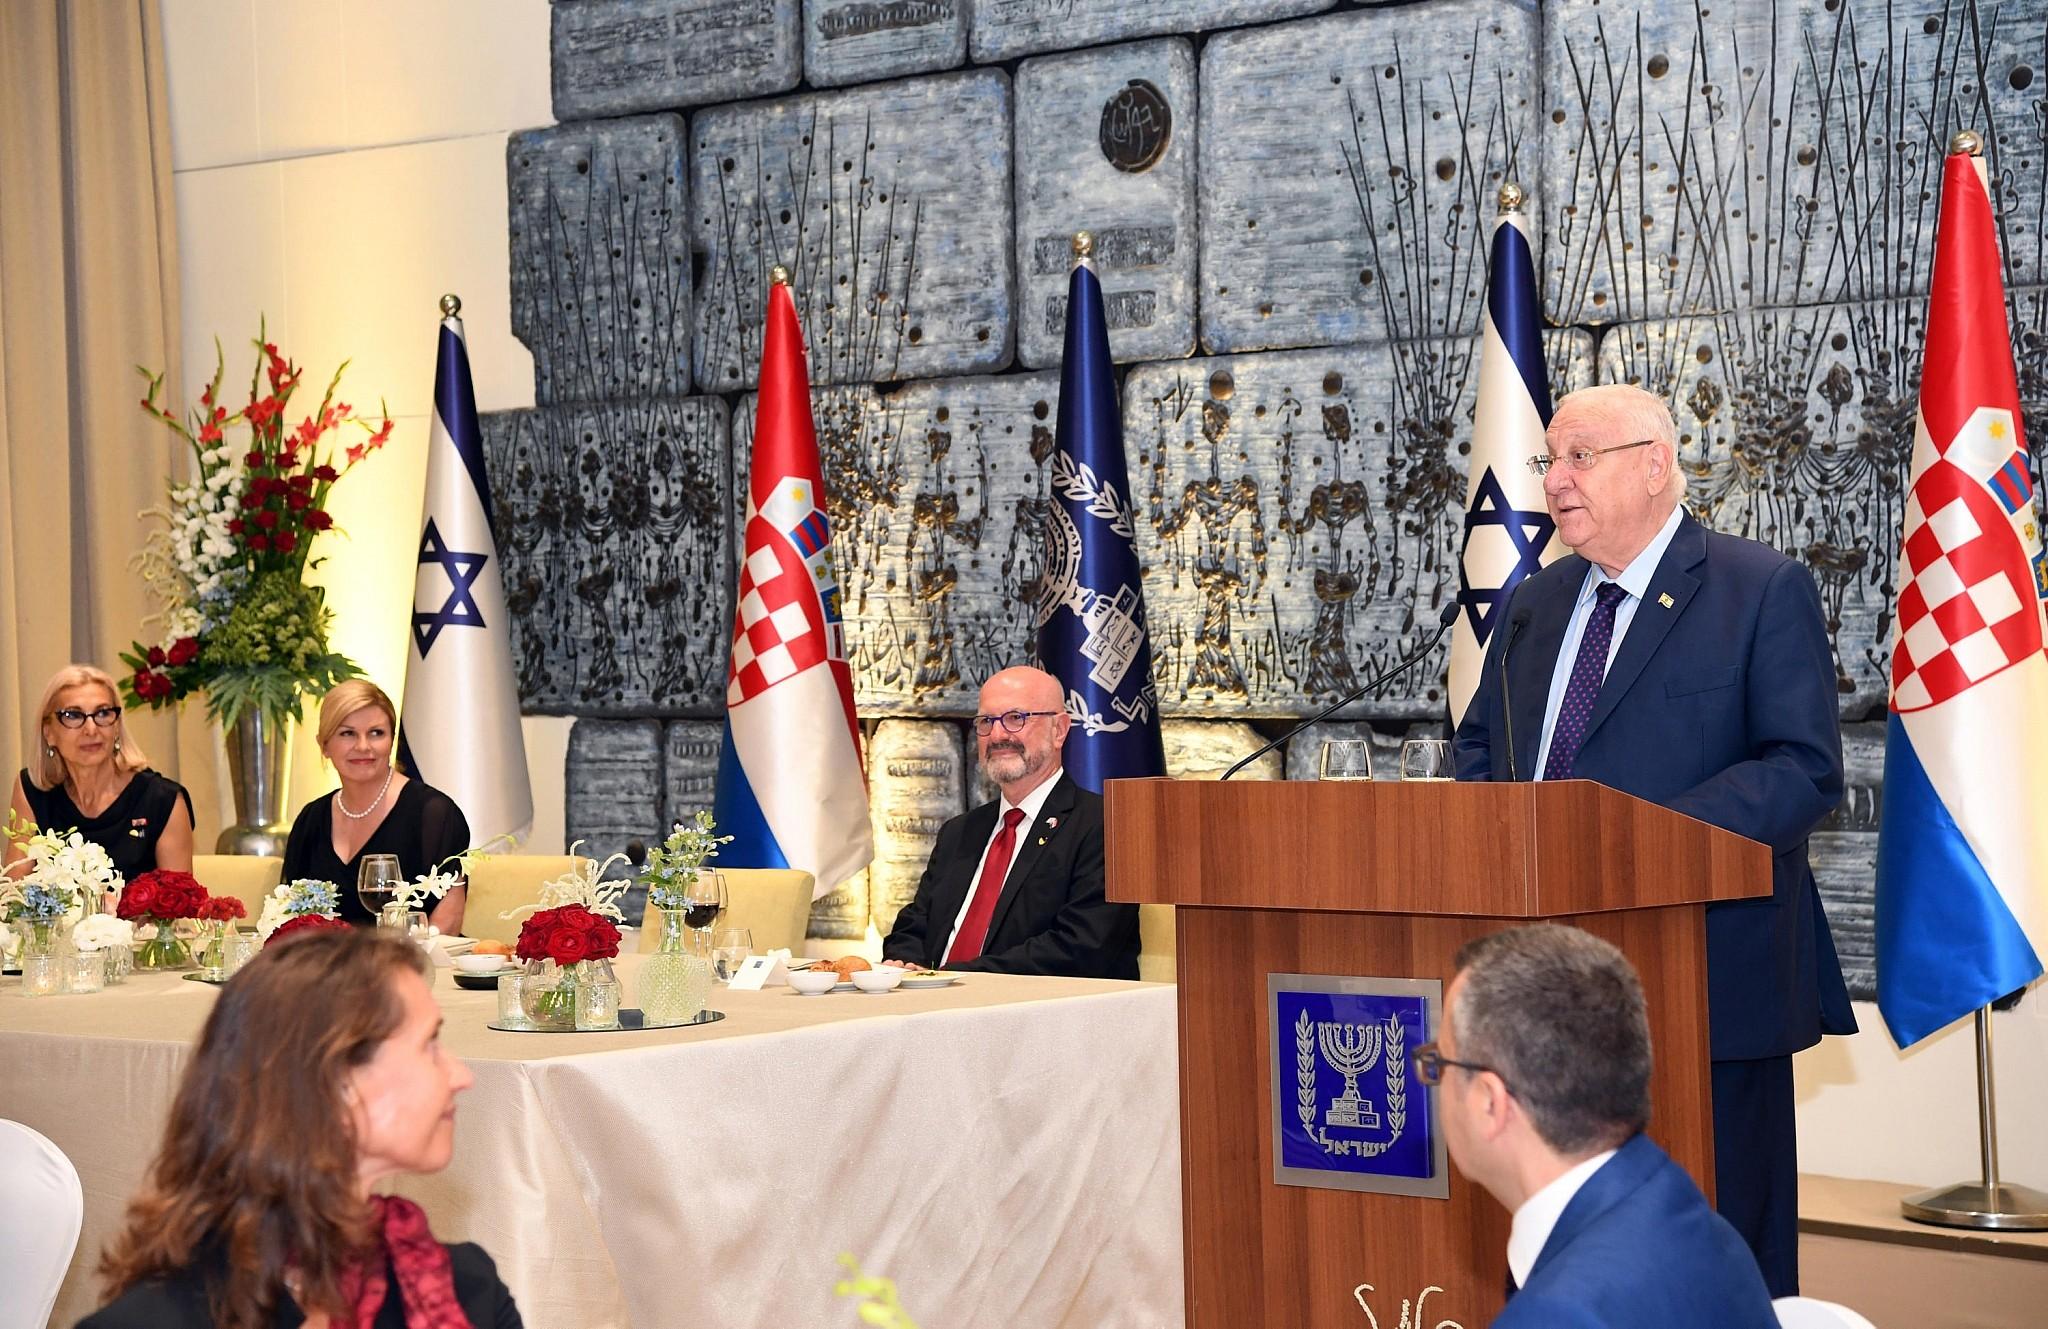 Internationale - Palestine, Ligue arabe et Turquie critiquent le Kosovo et la Serbie